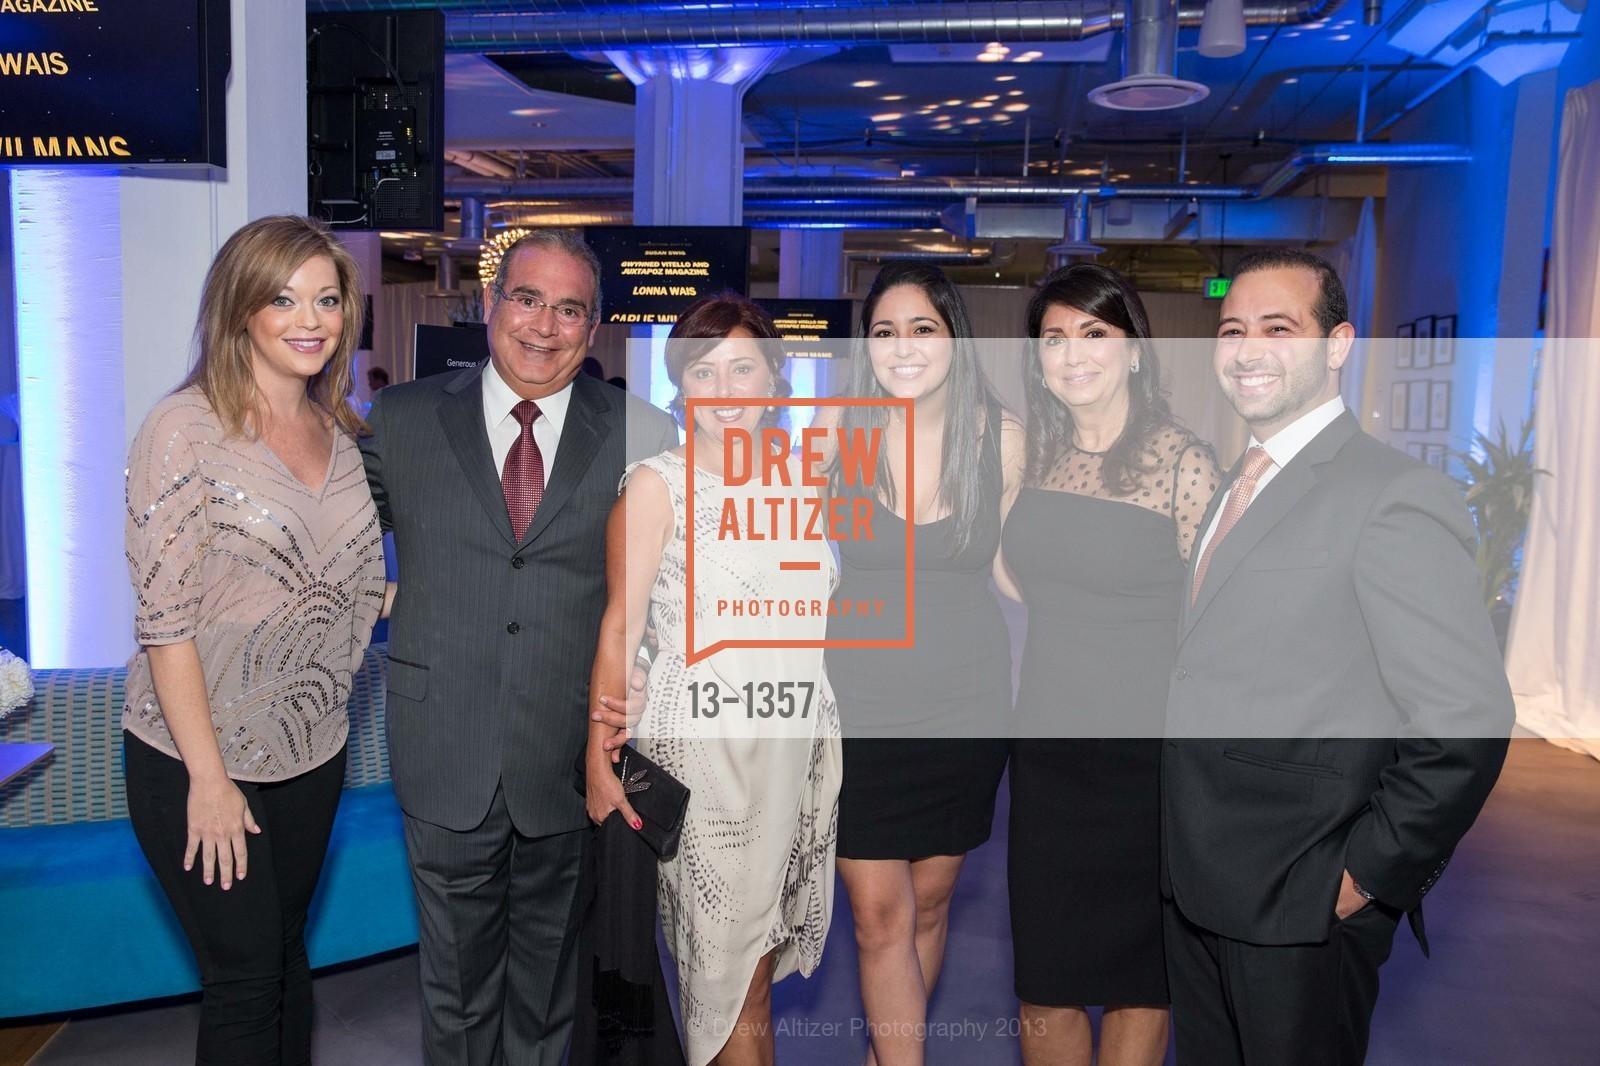 Natalie Tortorice, John Lahlouh, Dina Lahlouh, Nicolette Tortorice, Marilyn Tortorice, Tony Lahlouh, Photo #13-1357